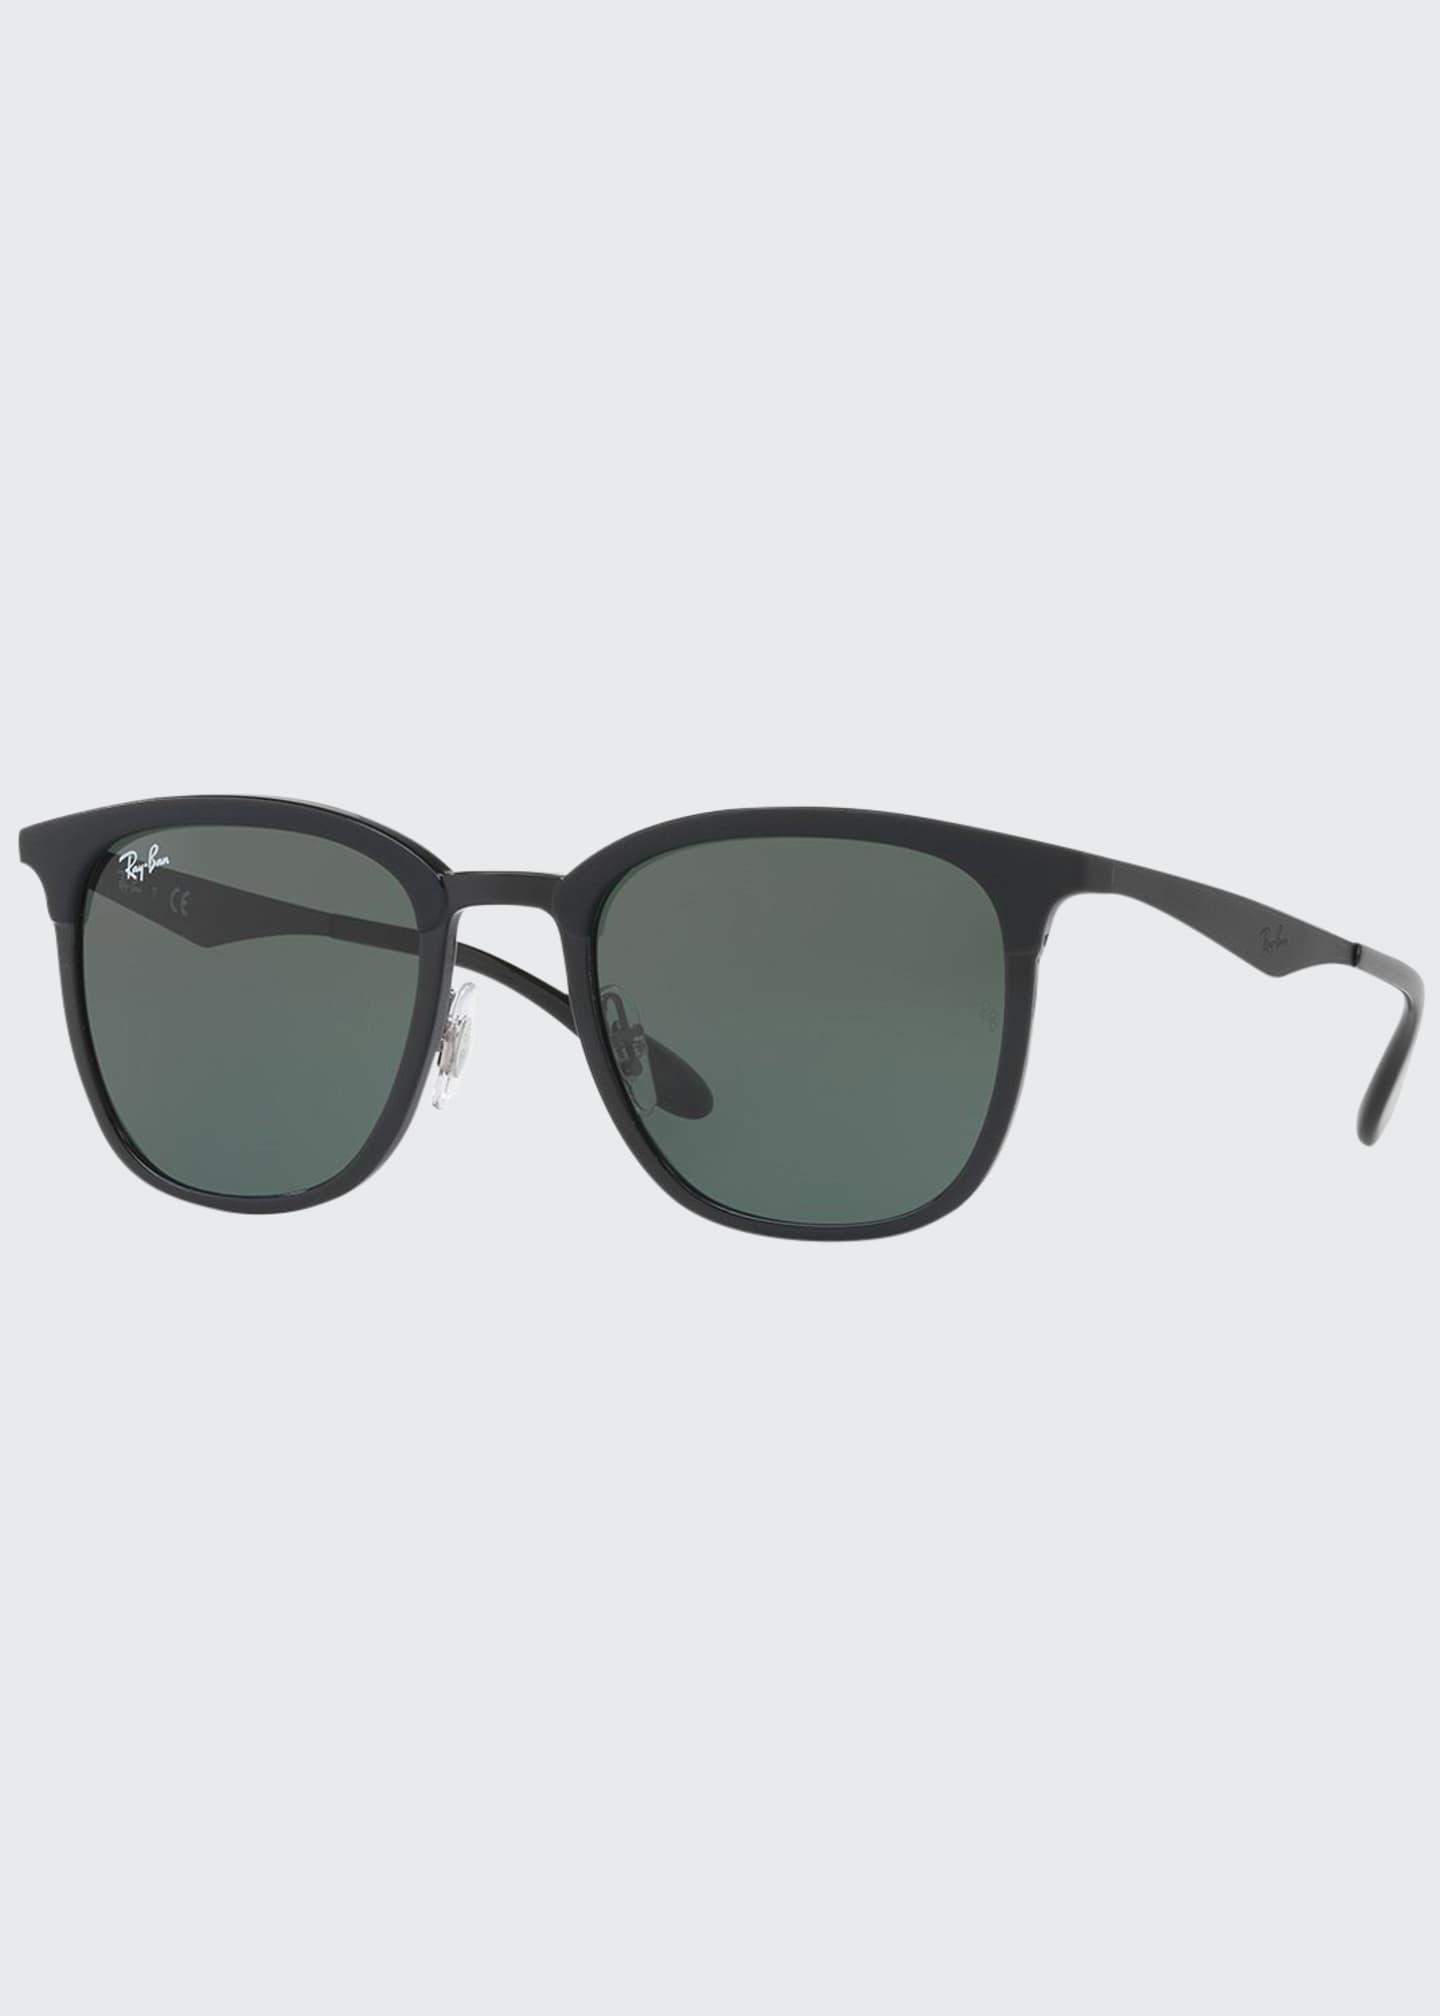 Ray-Ban Men's RB4278 Square Sunglasses, Black